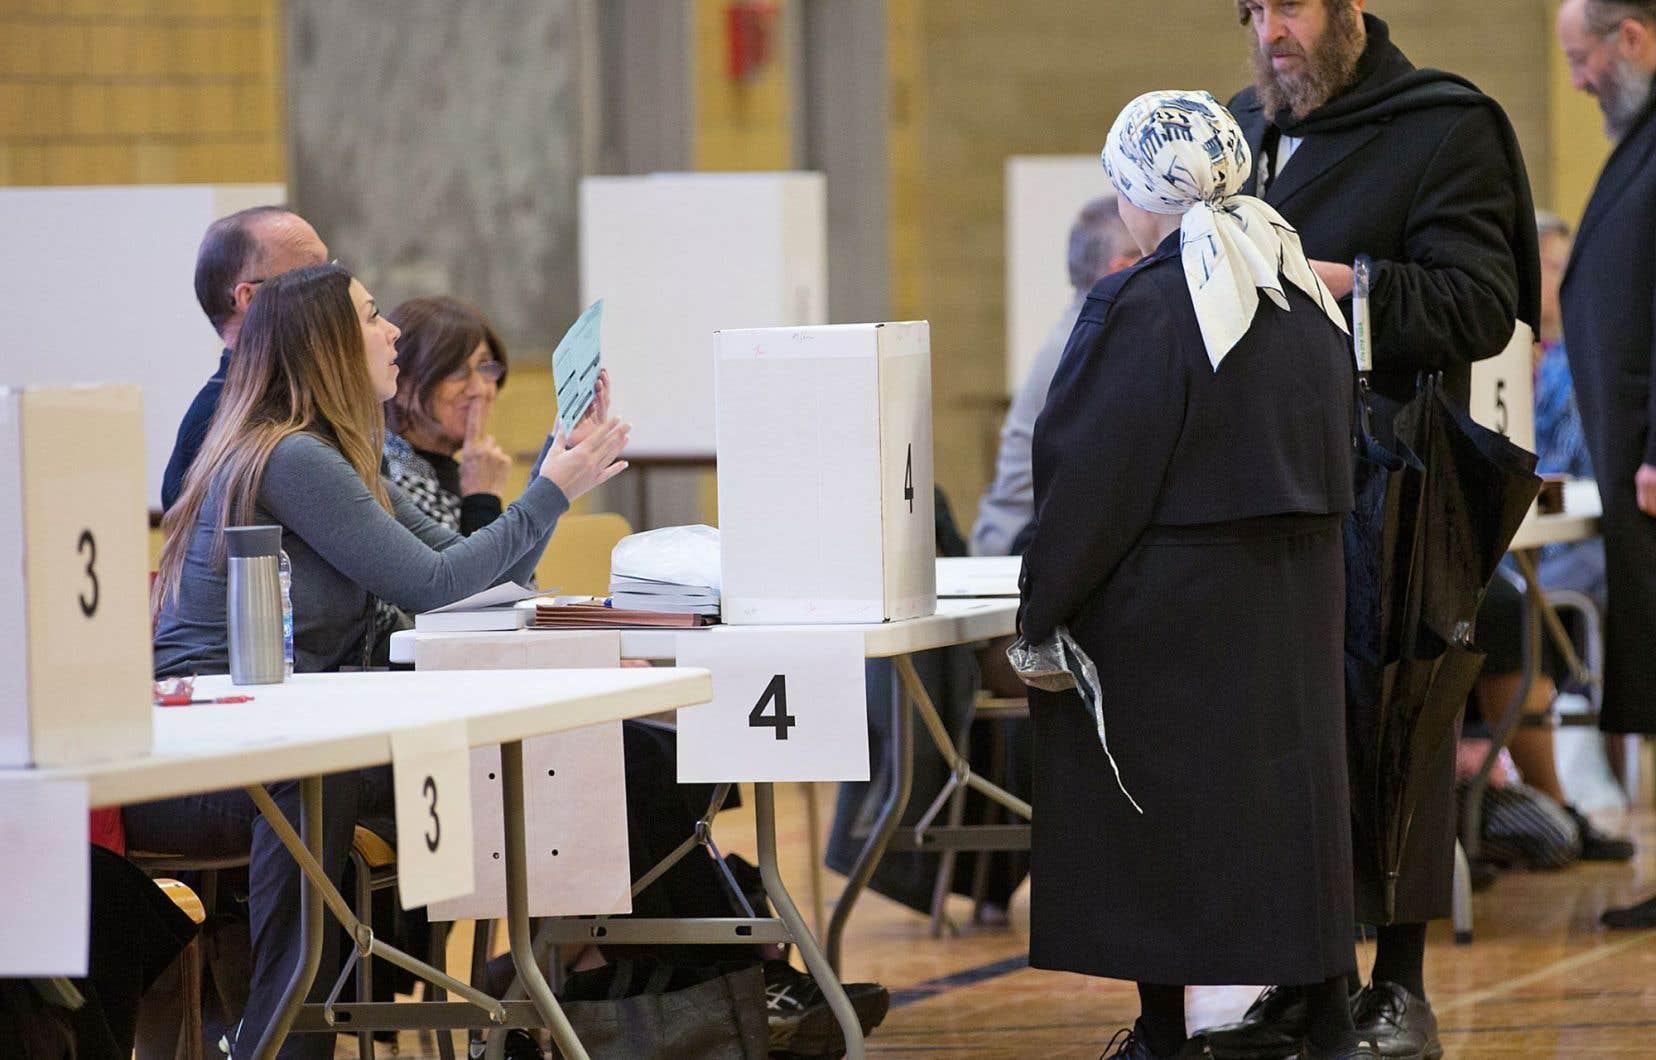 Le référendum tenu dimanche sondait la population d'Outremont sur l'interdiction des lieux de culte sur l'avenue Bernard.